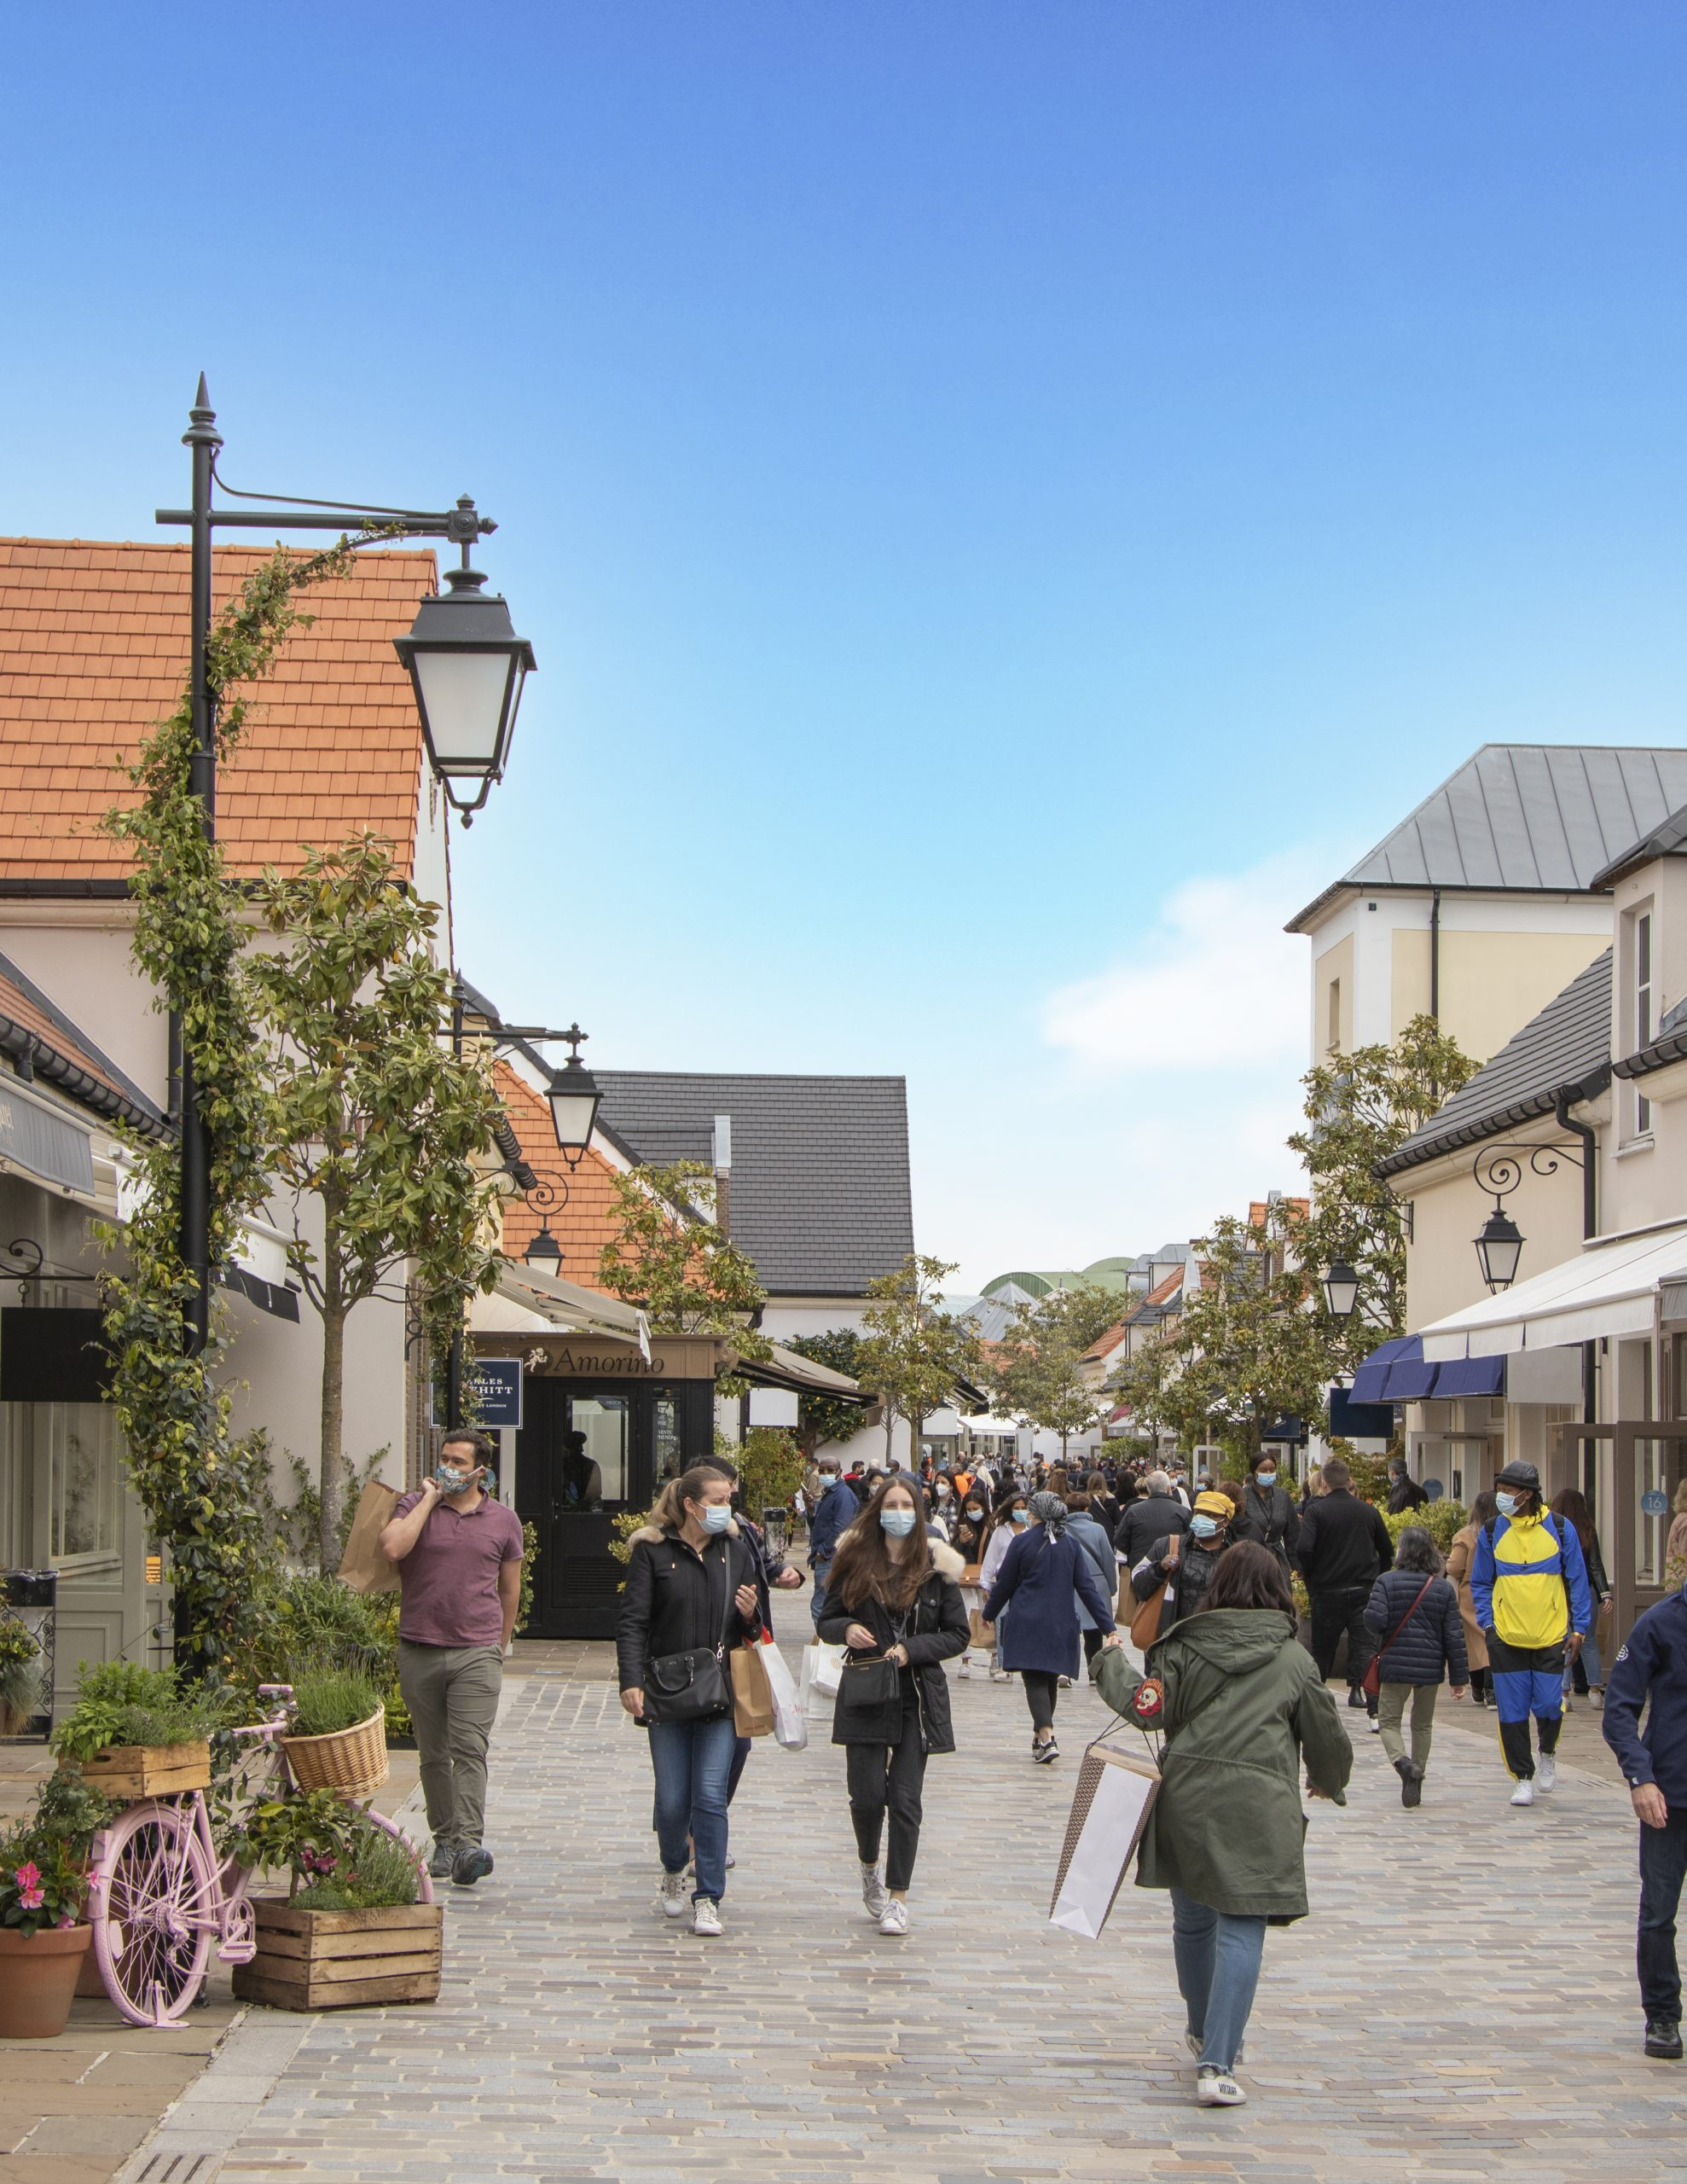 La vallée village boutiques outlet